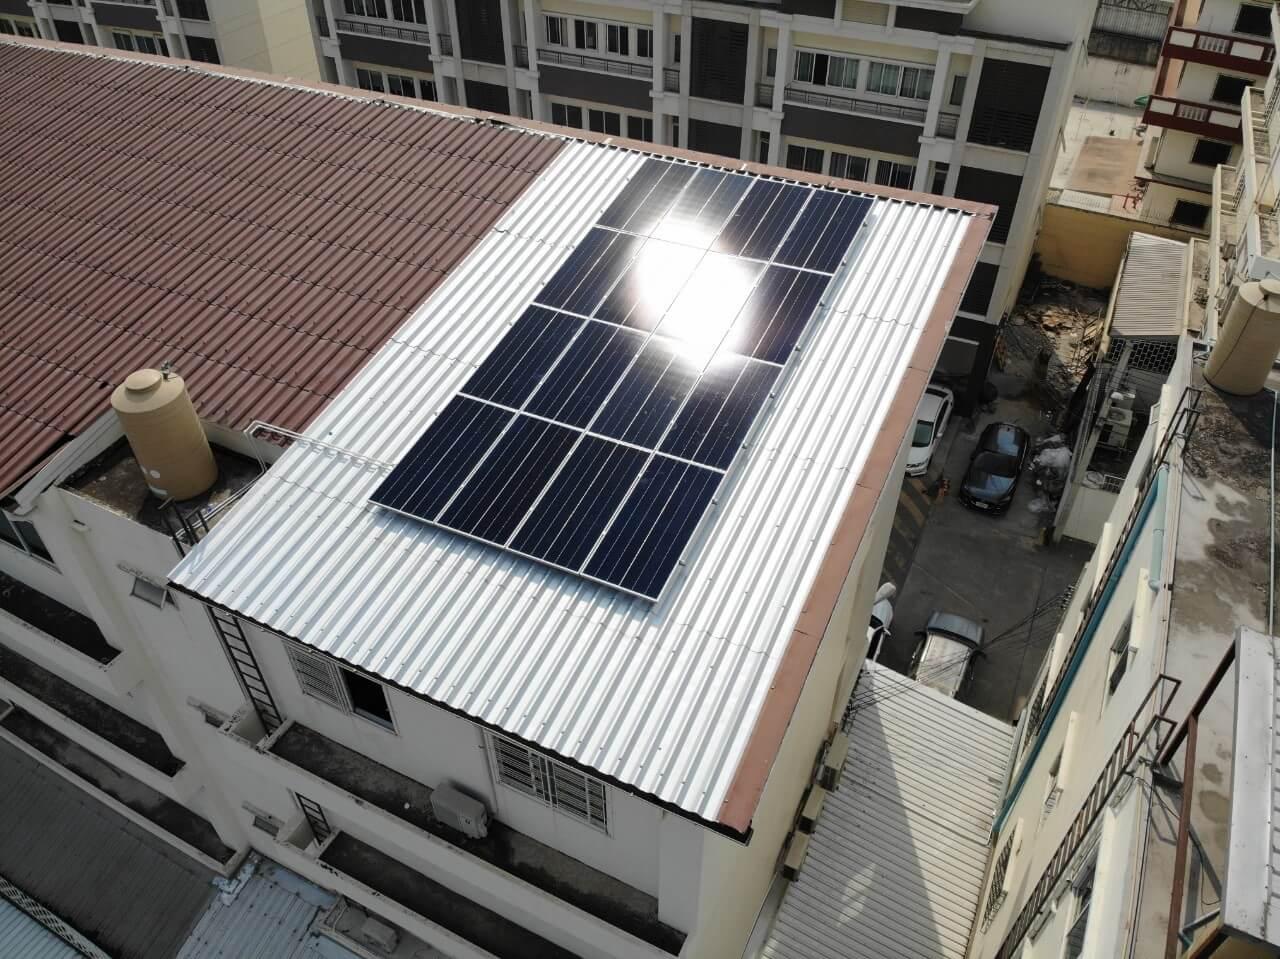 12 จุดเด่นมาพร้อม SCG Solar Roof เมื่อยักษ์ลงสนามไฟฟ้าบ้านพลังงานแสงอาทิตย์ 42 - Premium